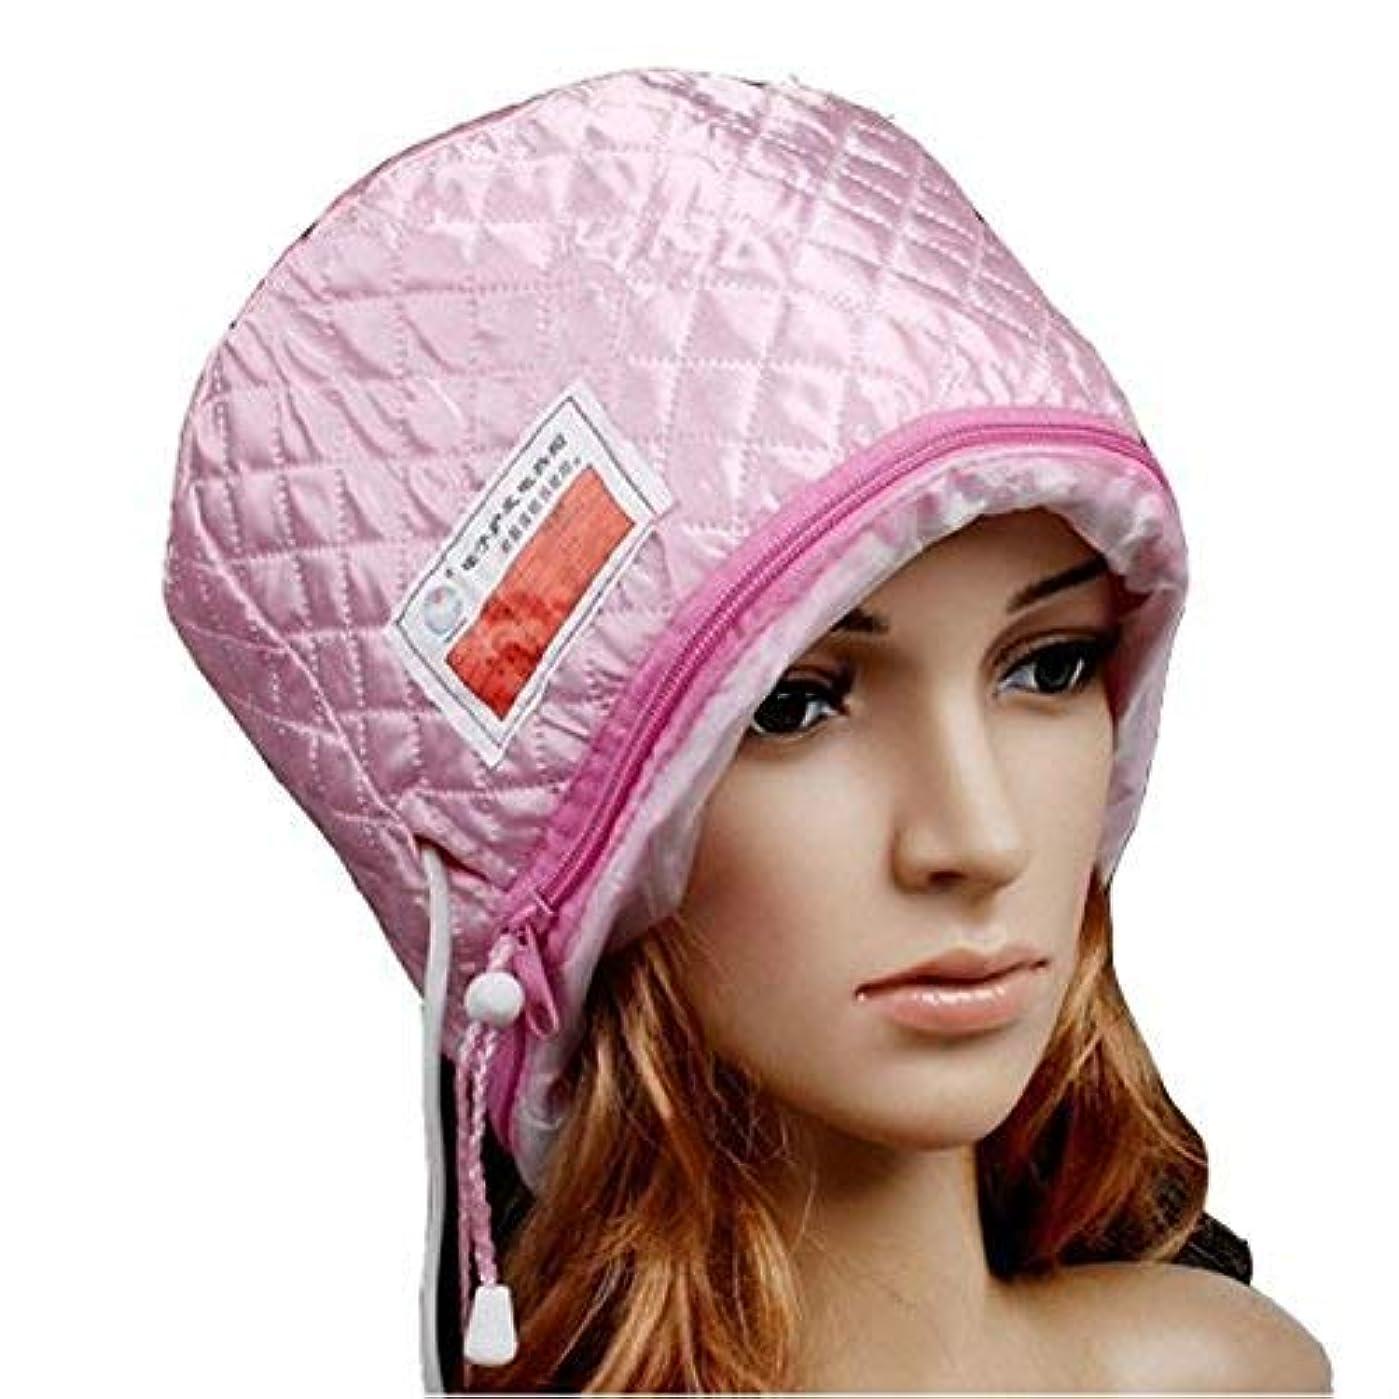 アクセントコース分子セキュリティファッションヘアケアヘアメンブレンキャップ電気加熱キャップ美容スチーマー栄養帽子